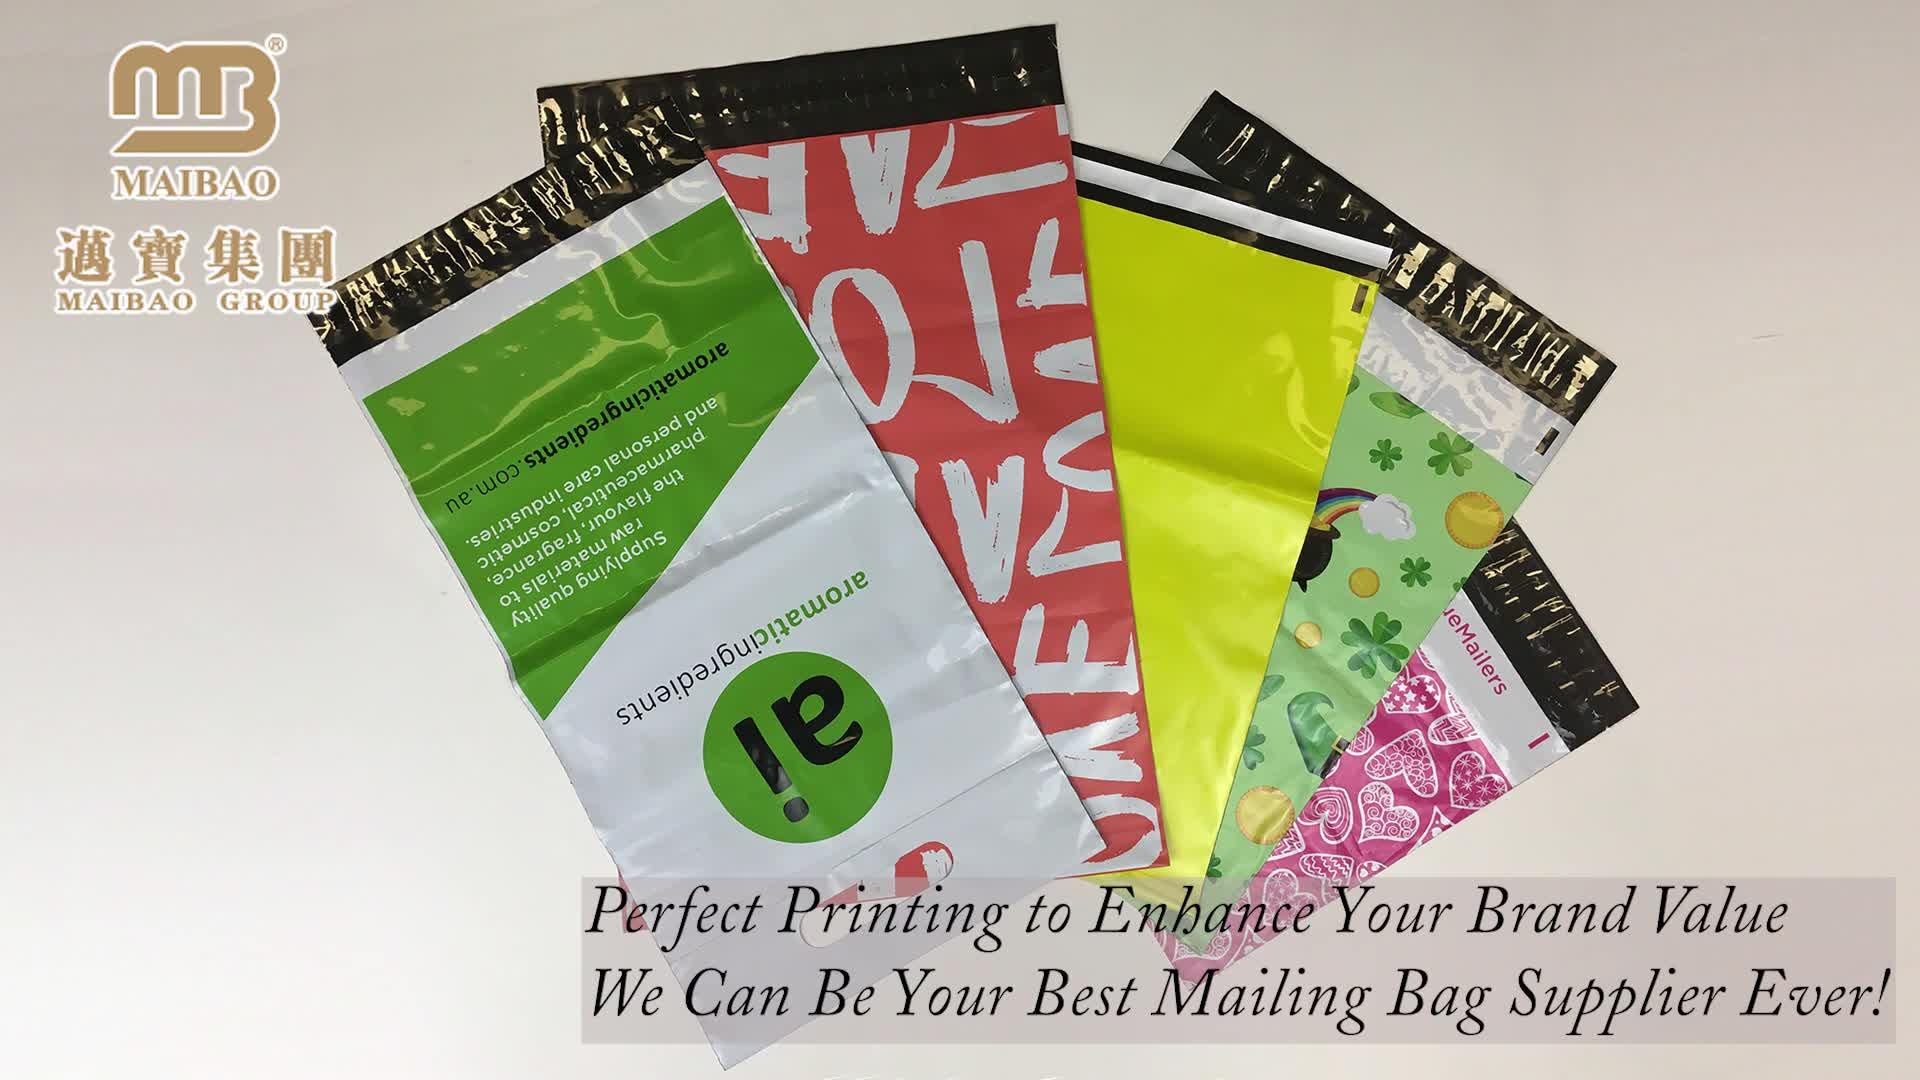 कस्टम डिजाइनर स्वयं सील biodegradable पुनर्नवीनीकरण प्लास्टिक डीएचएल पैक उड़ता पैकेजिंग शिपिंग पाली बैग